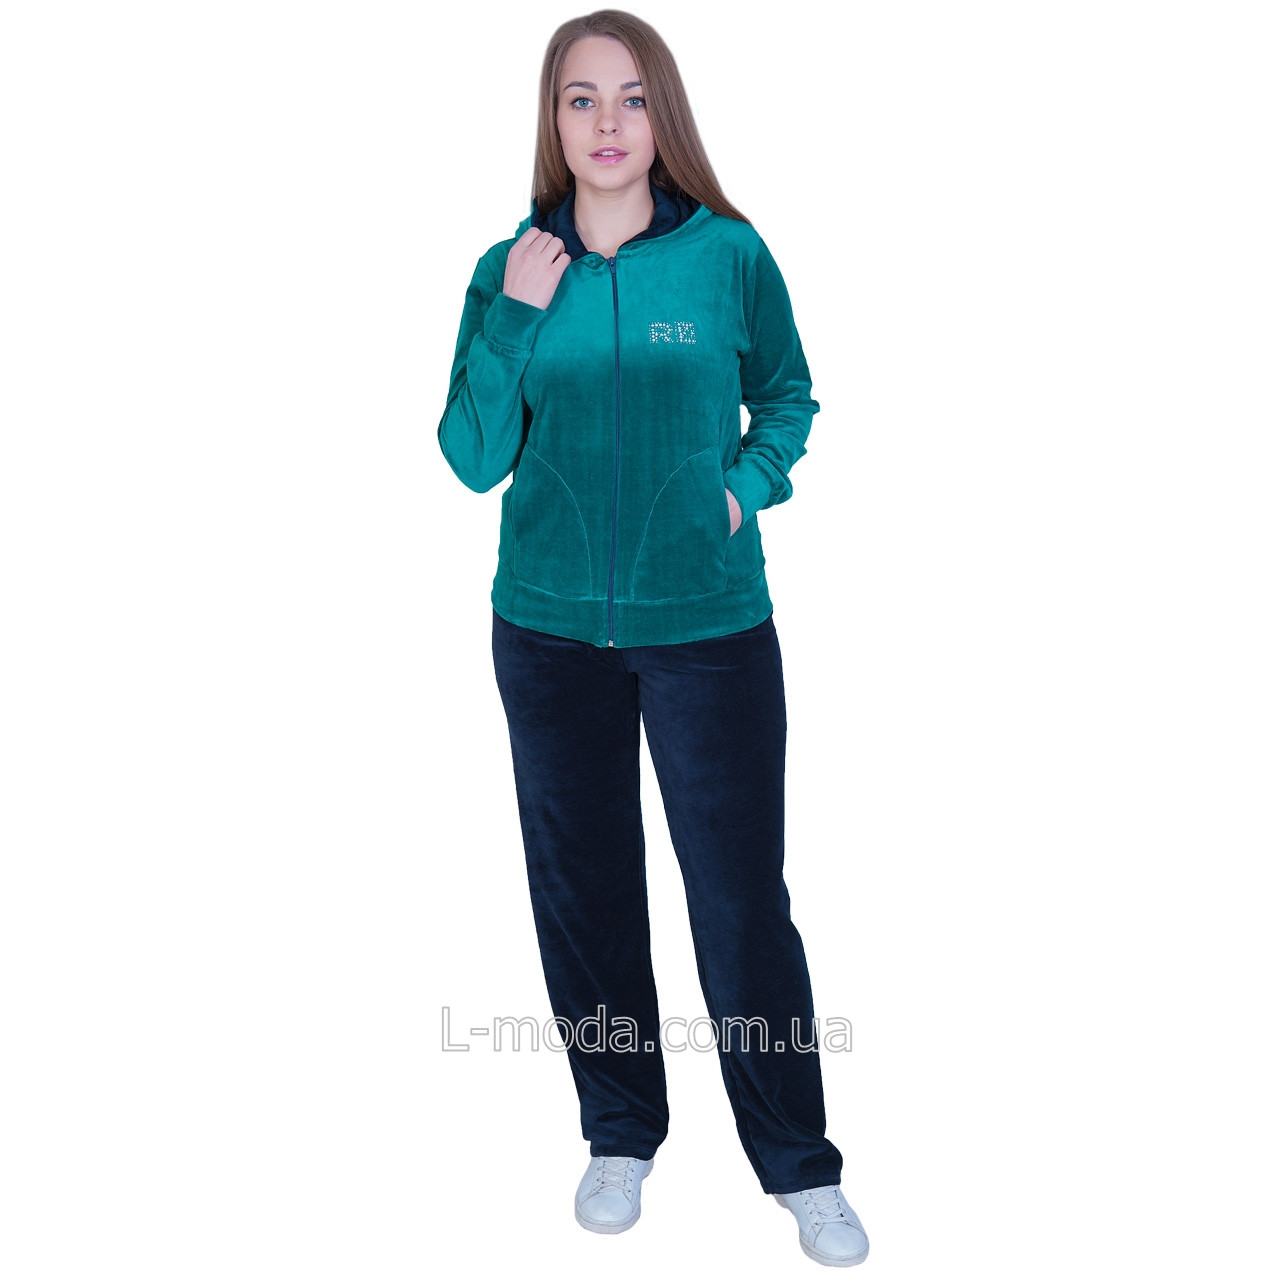 Спортивные велюровые костюмы женские